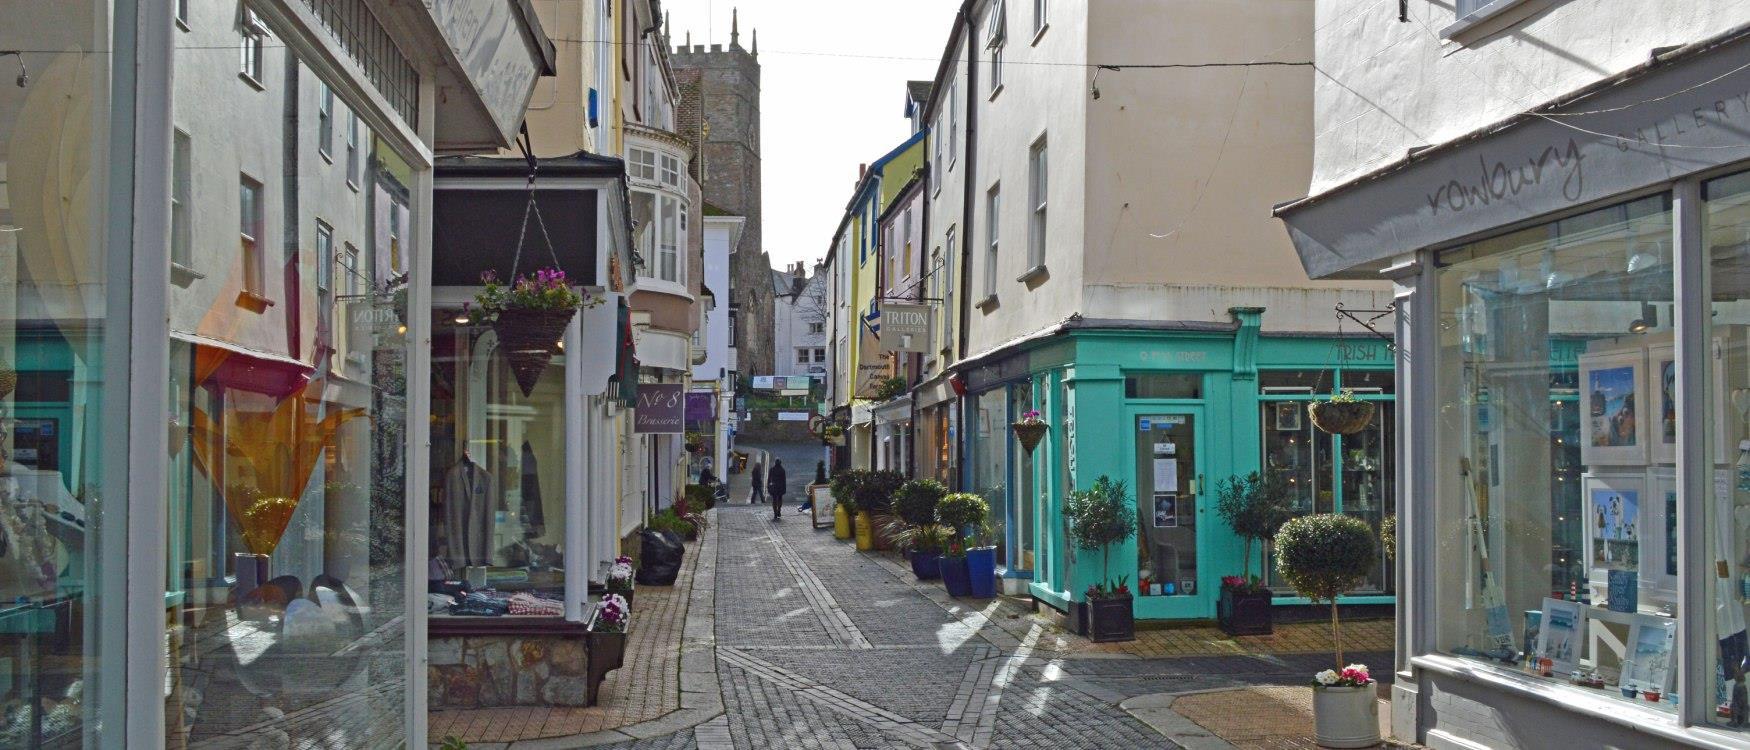 Foss Street Dartmouth